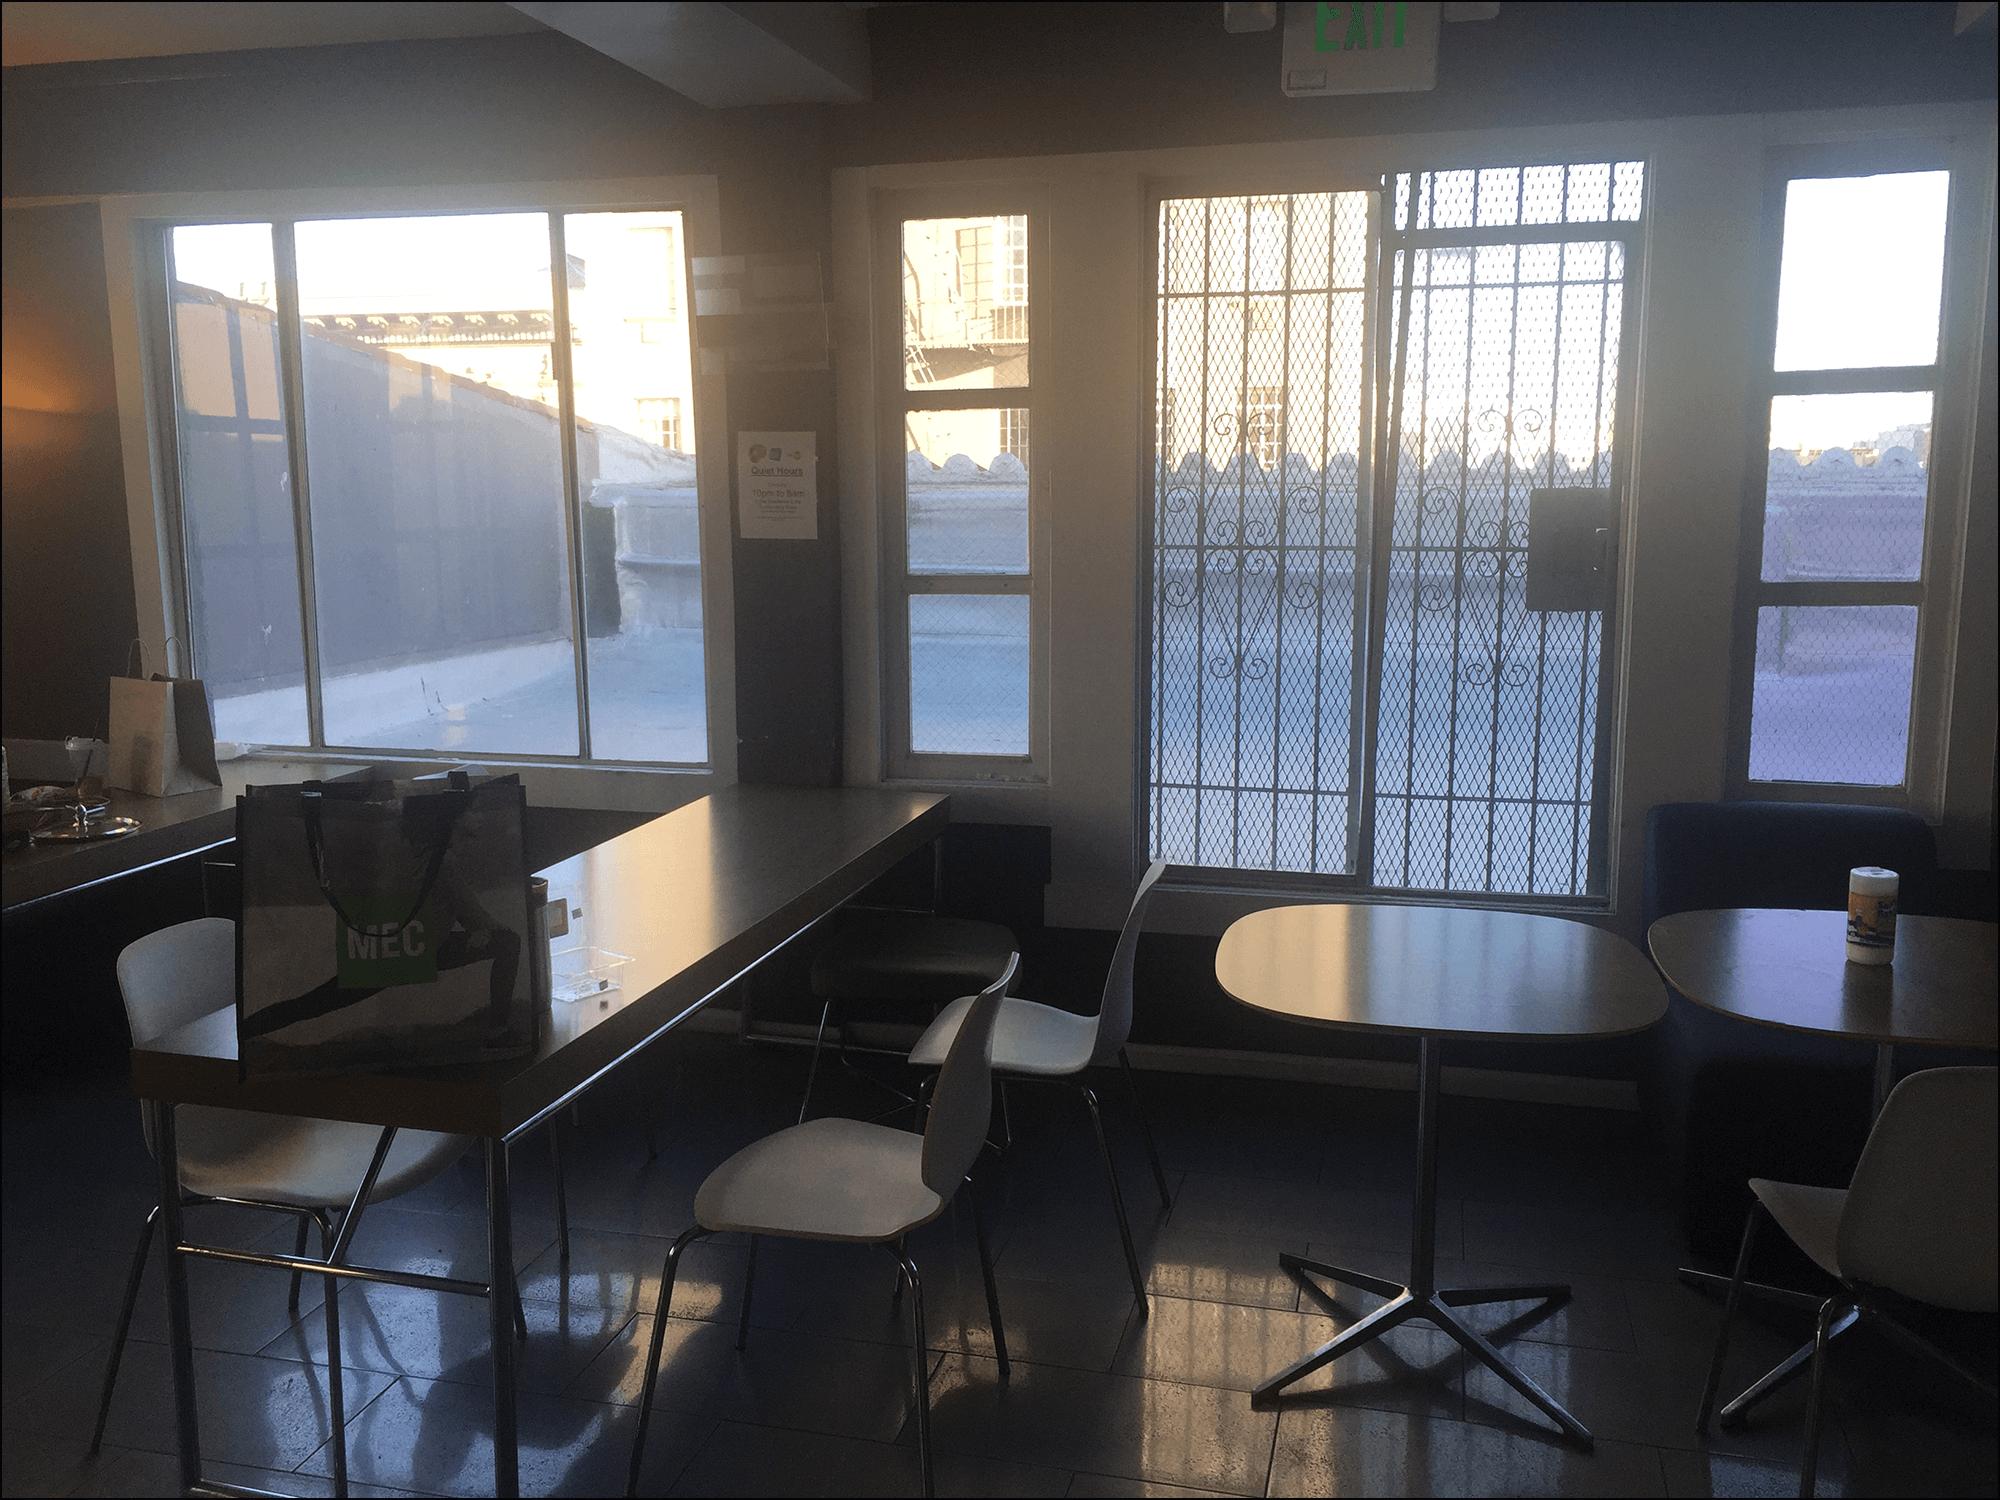 Essensraum in the Hub Campus EF